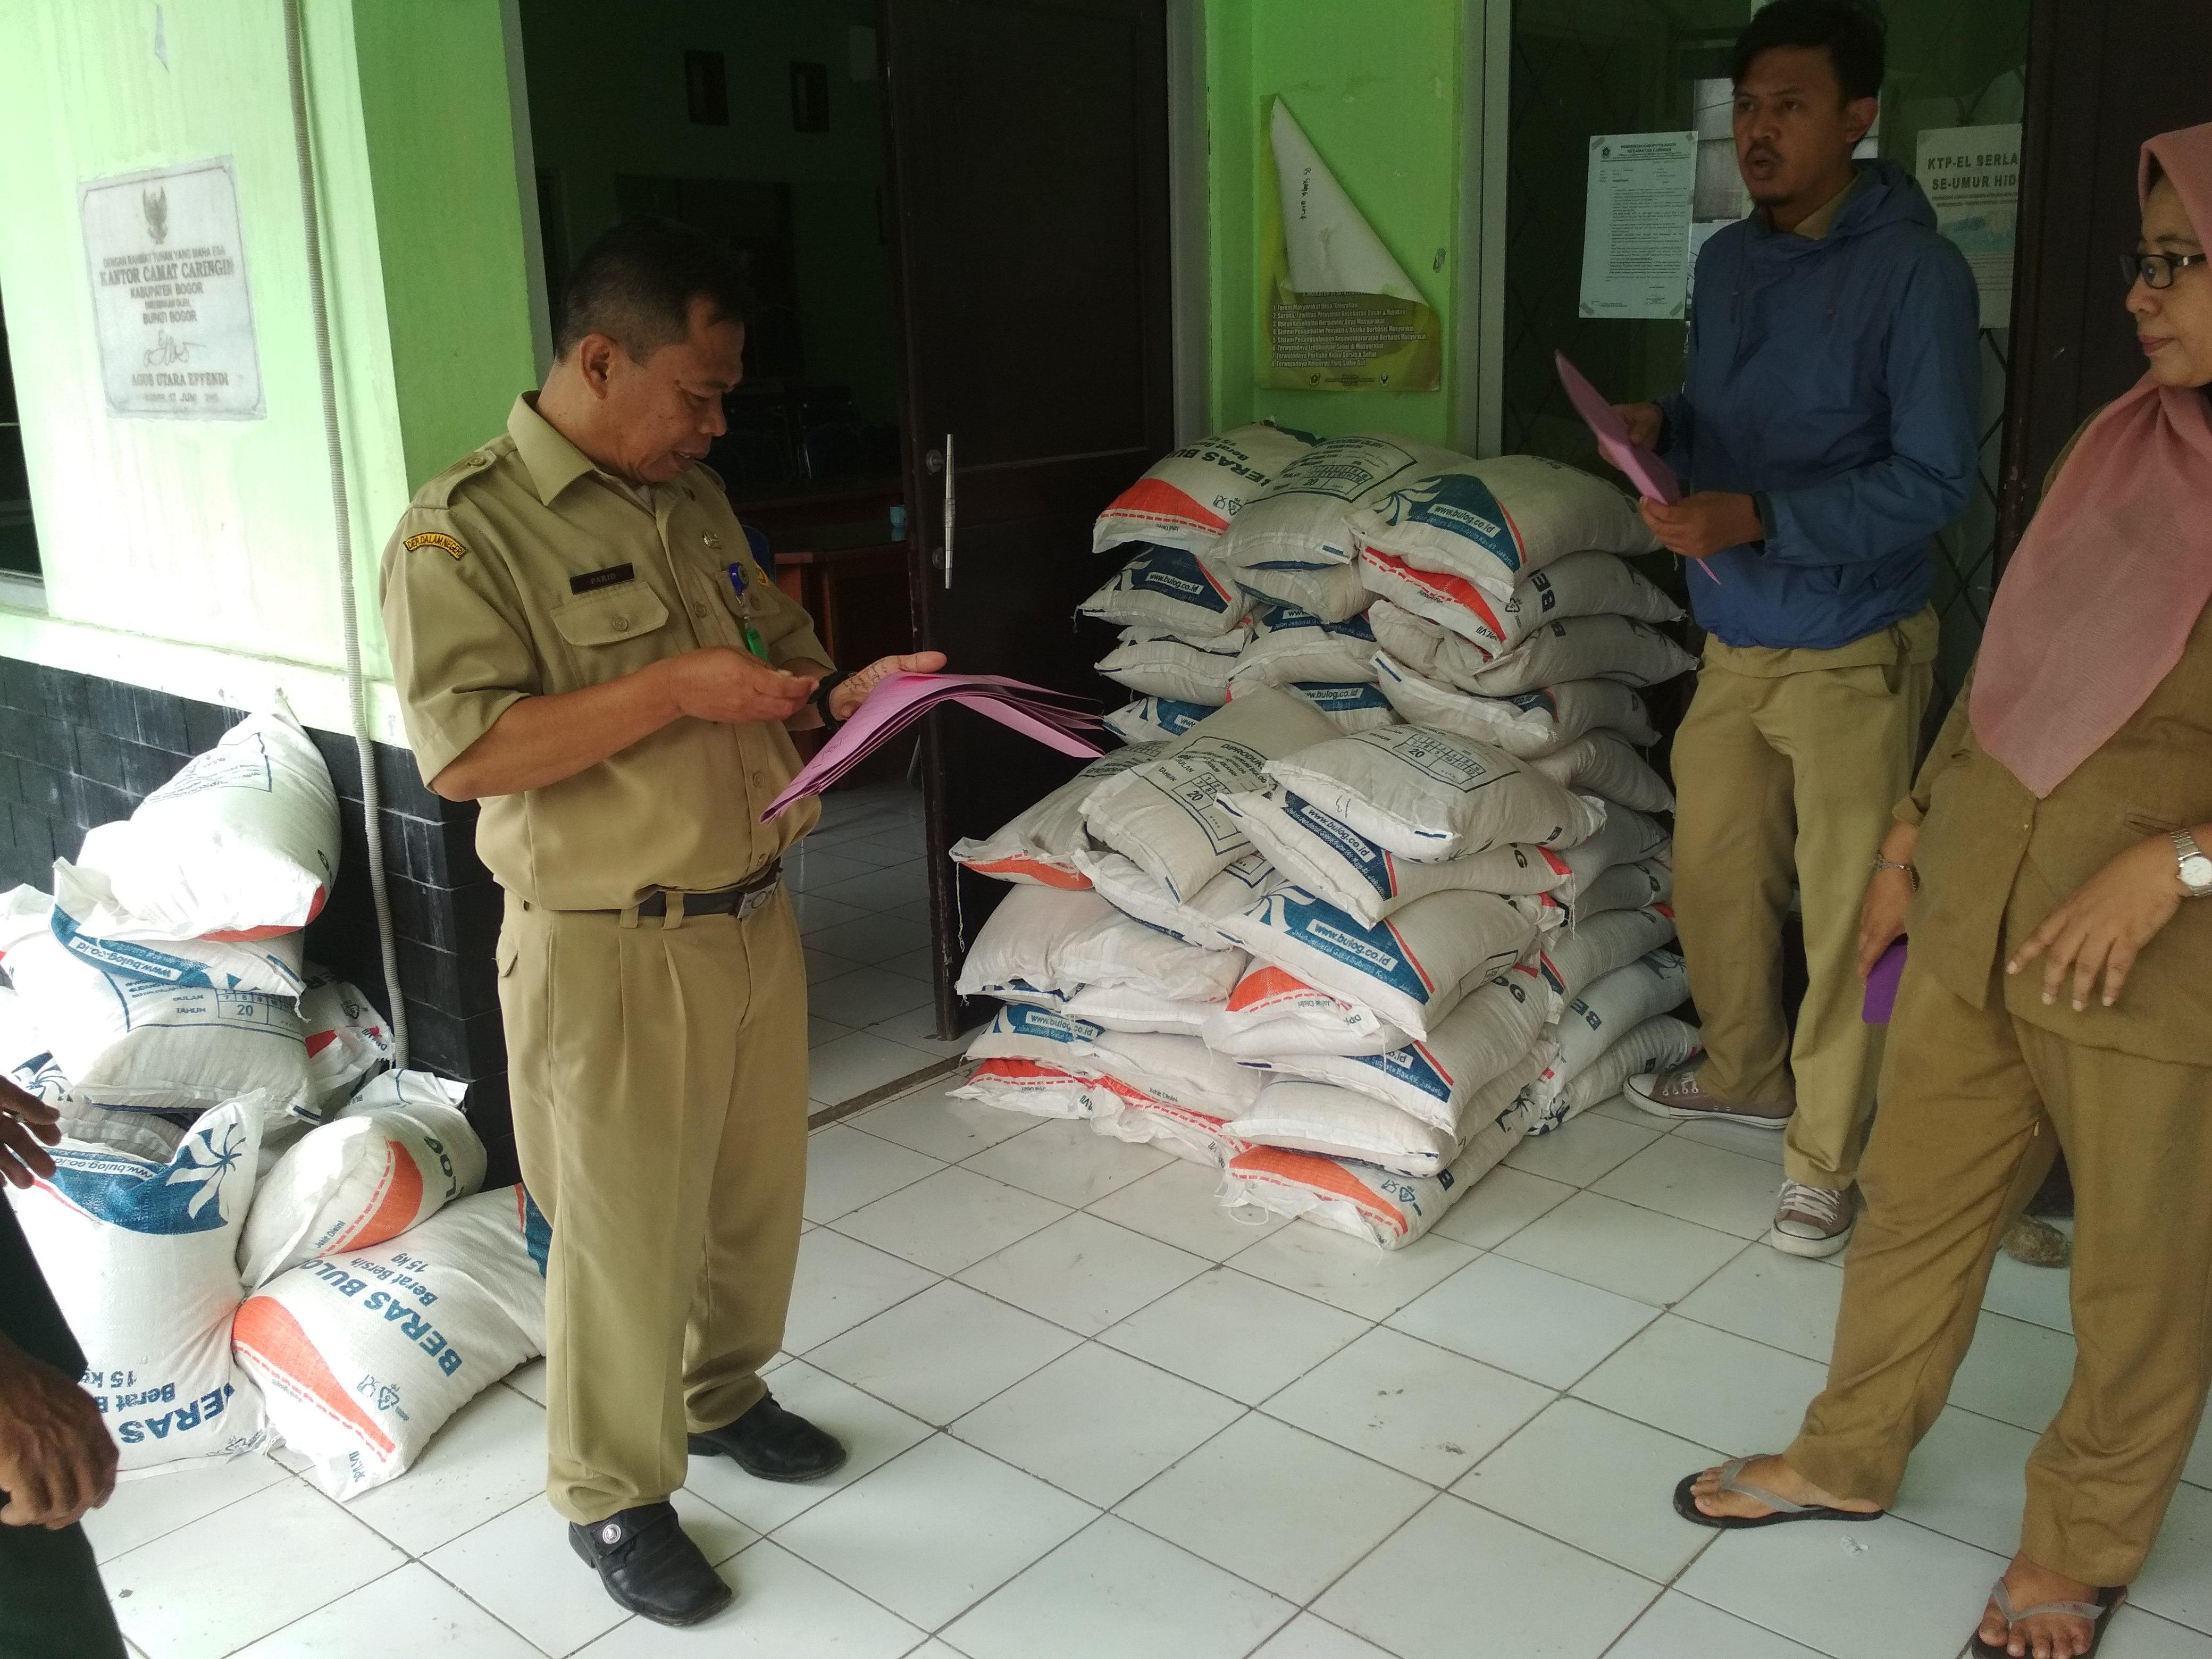 Bantuan CPPD untuk bencana gempa bumi di Kecamatan Caringin pada Maret 2018